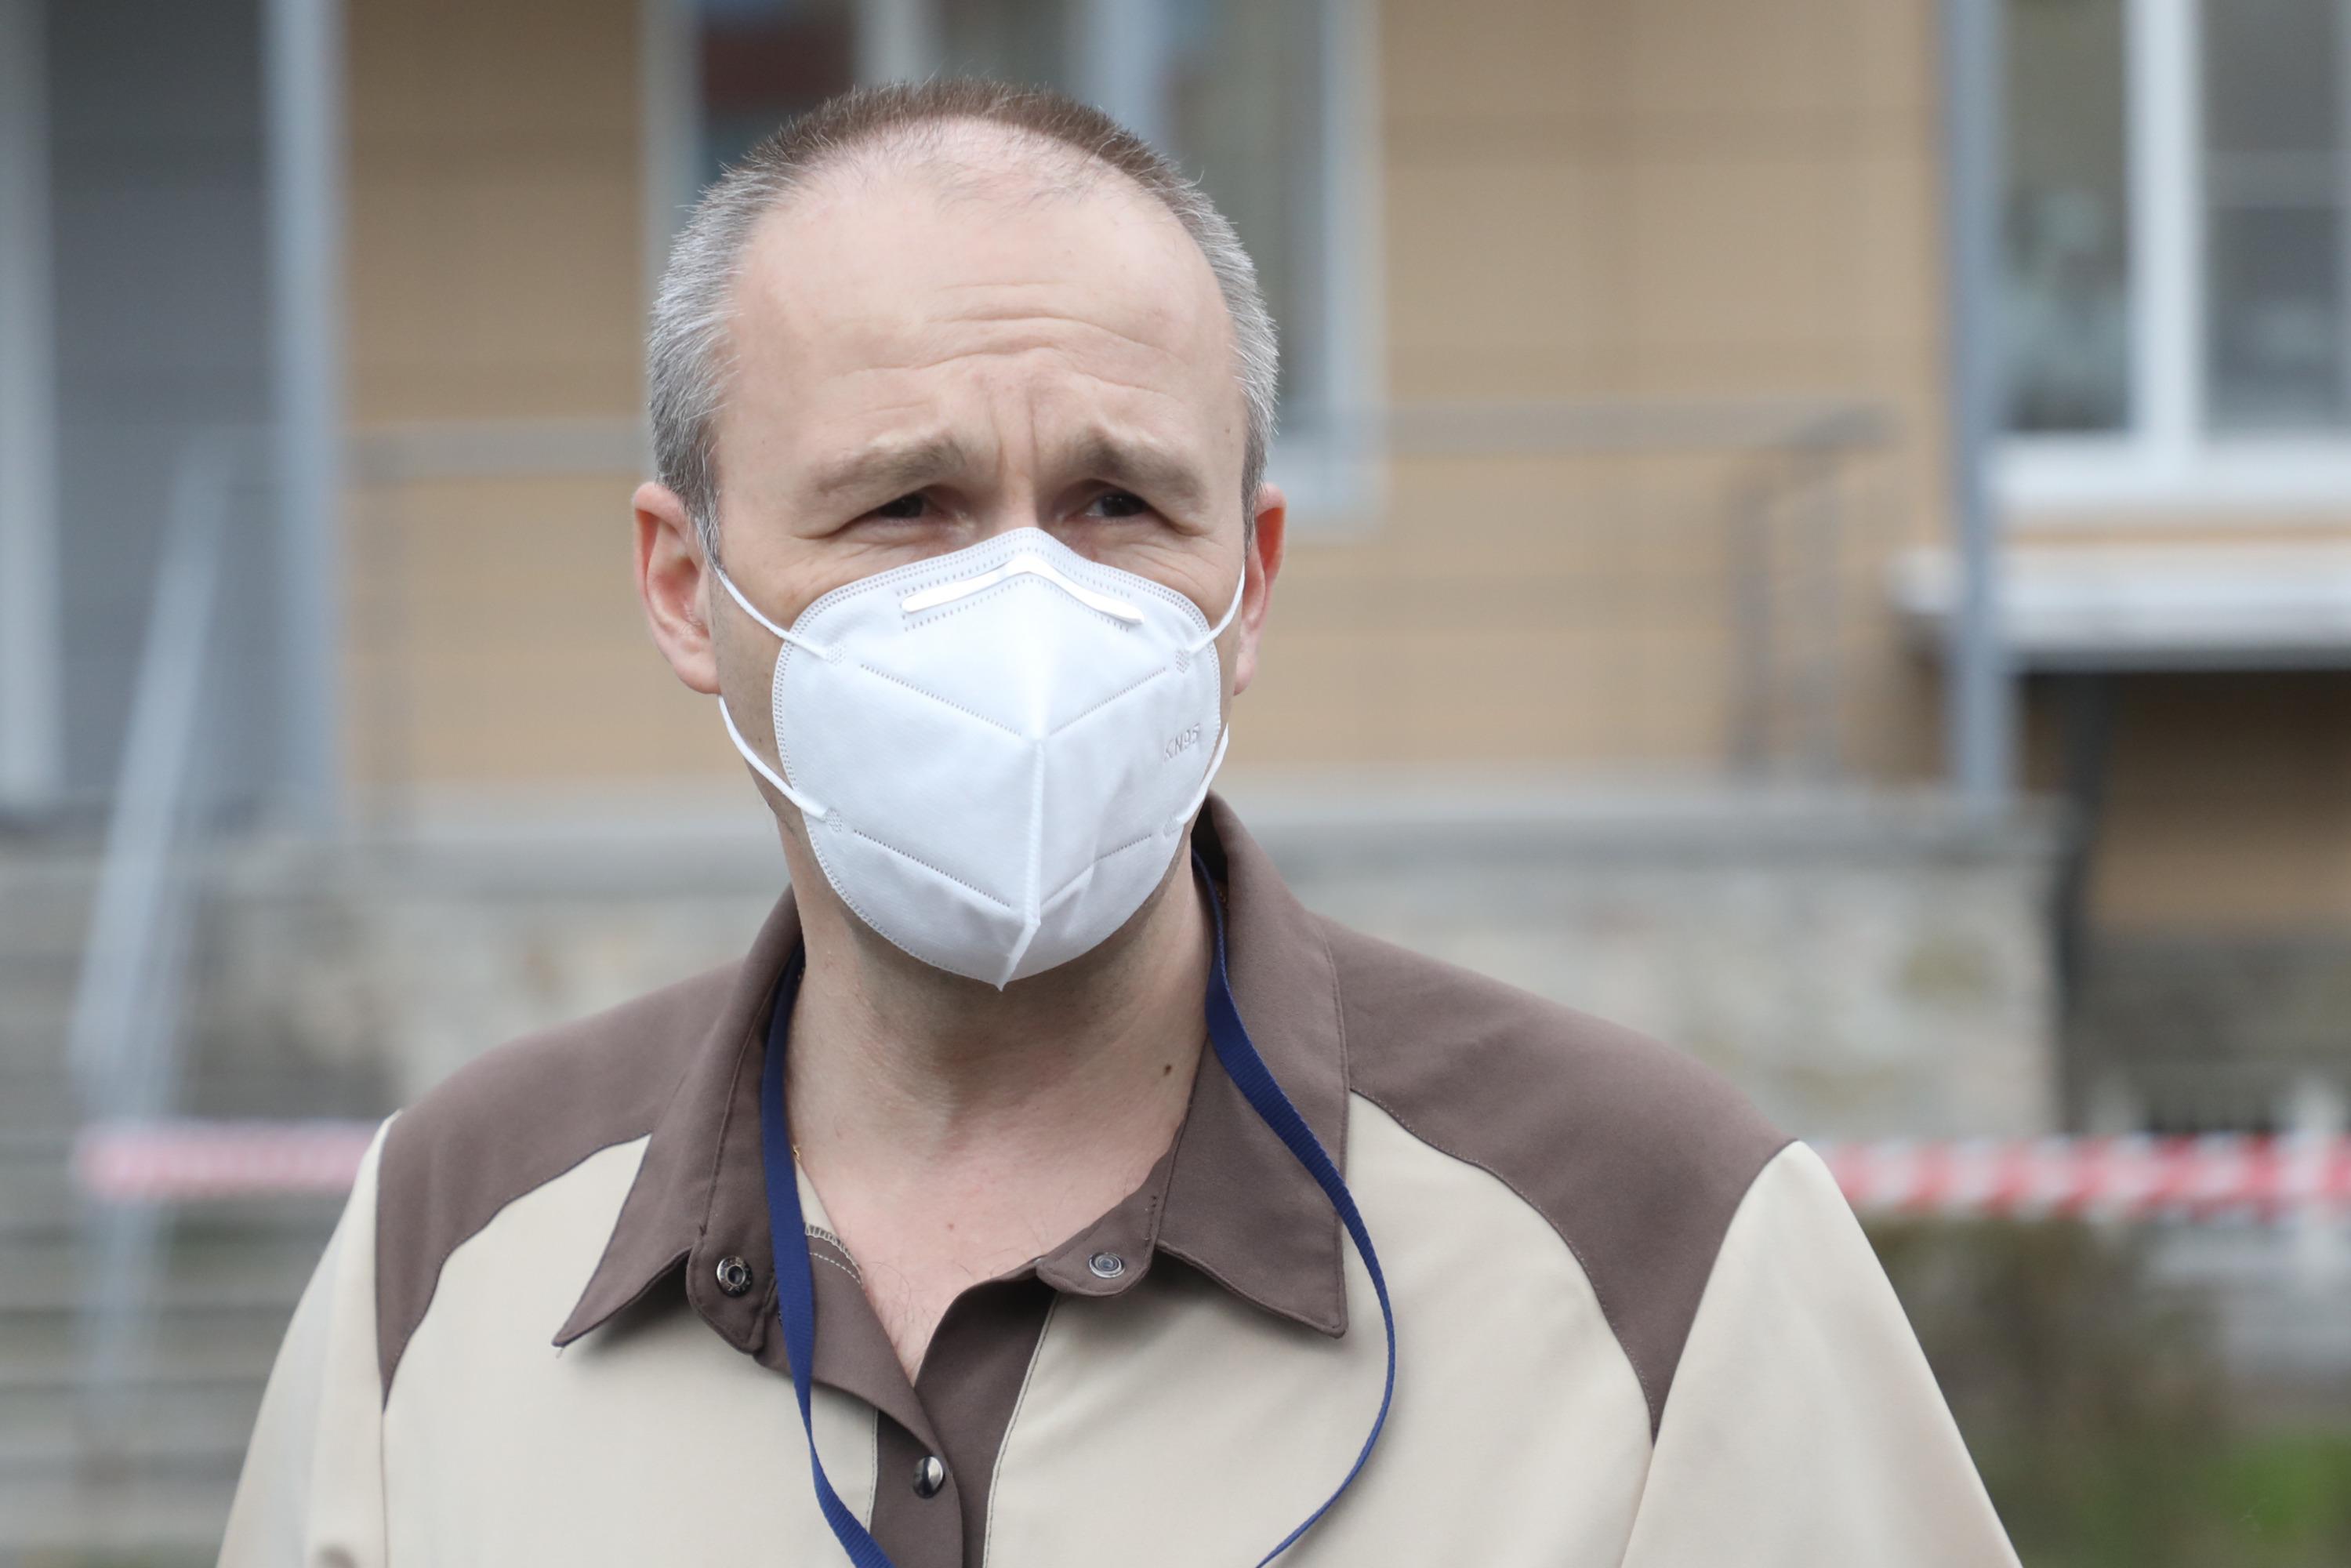 главный специалист по анестезиологии и реаниматологии ГБ №40 Евгений Гарбузов